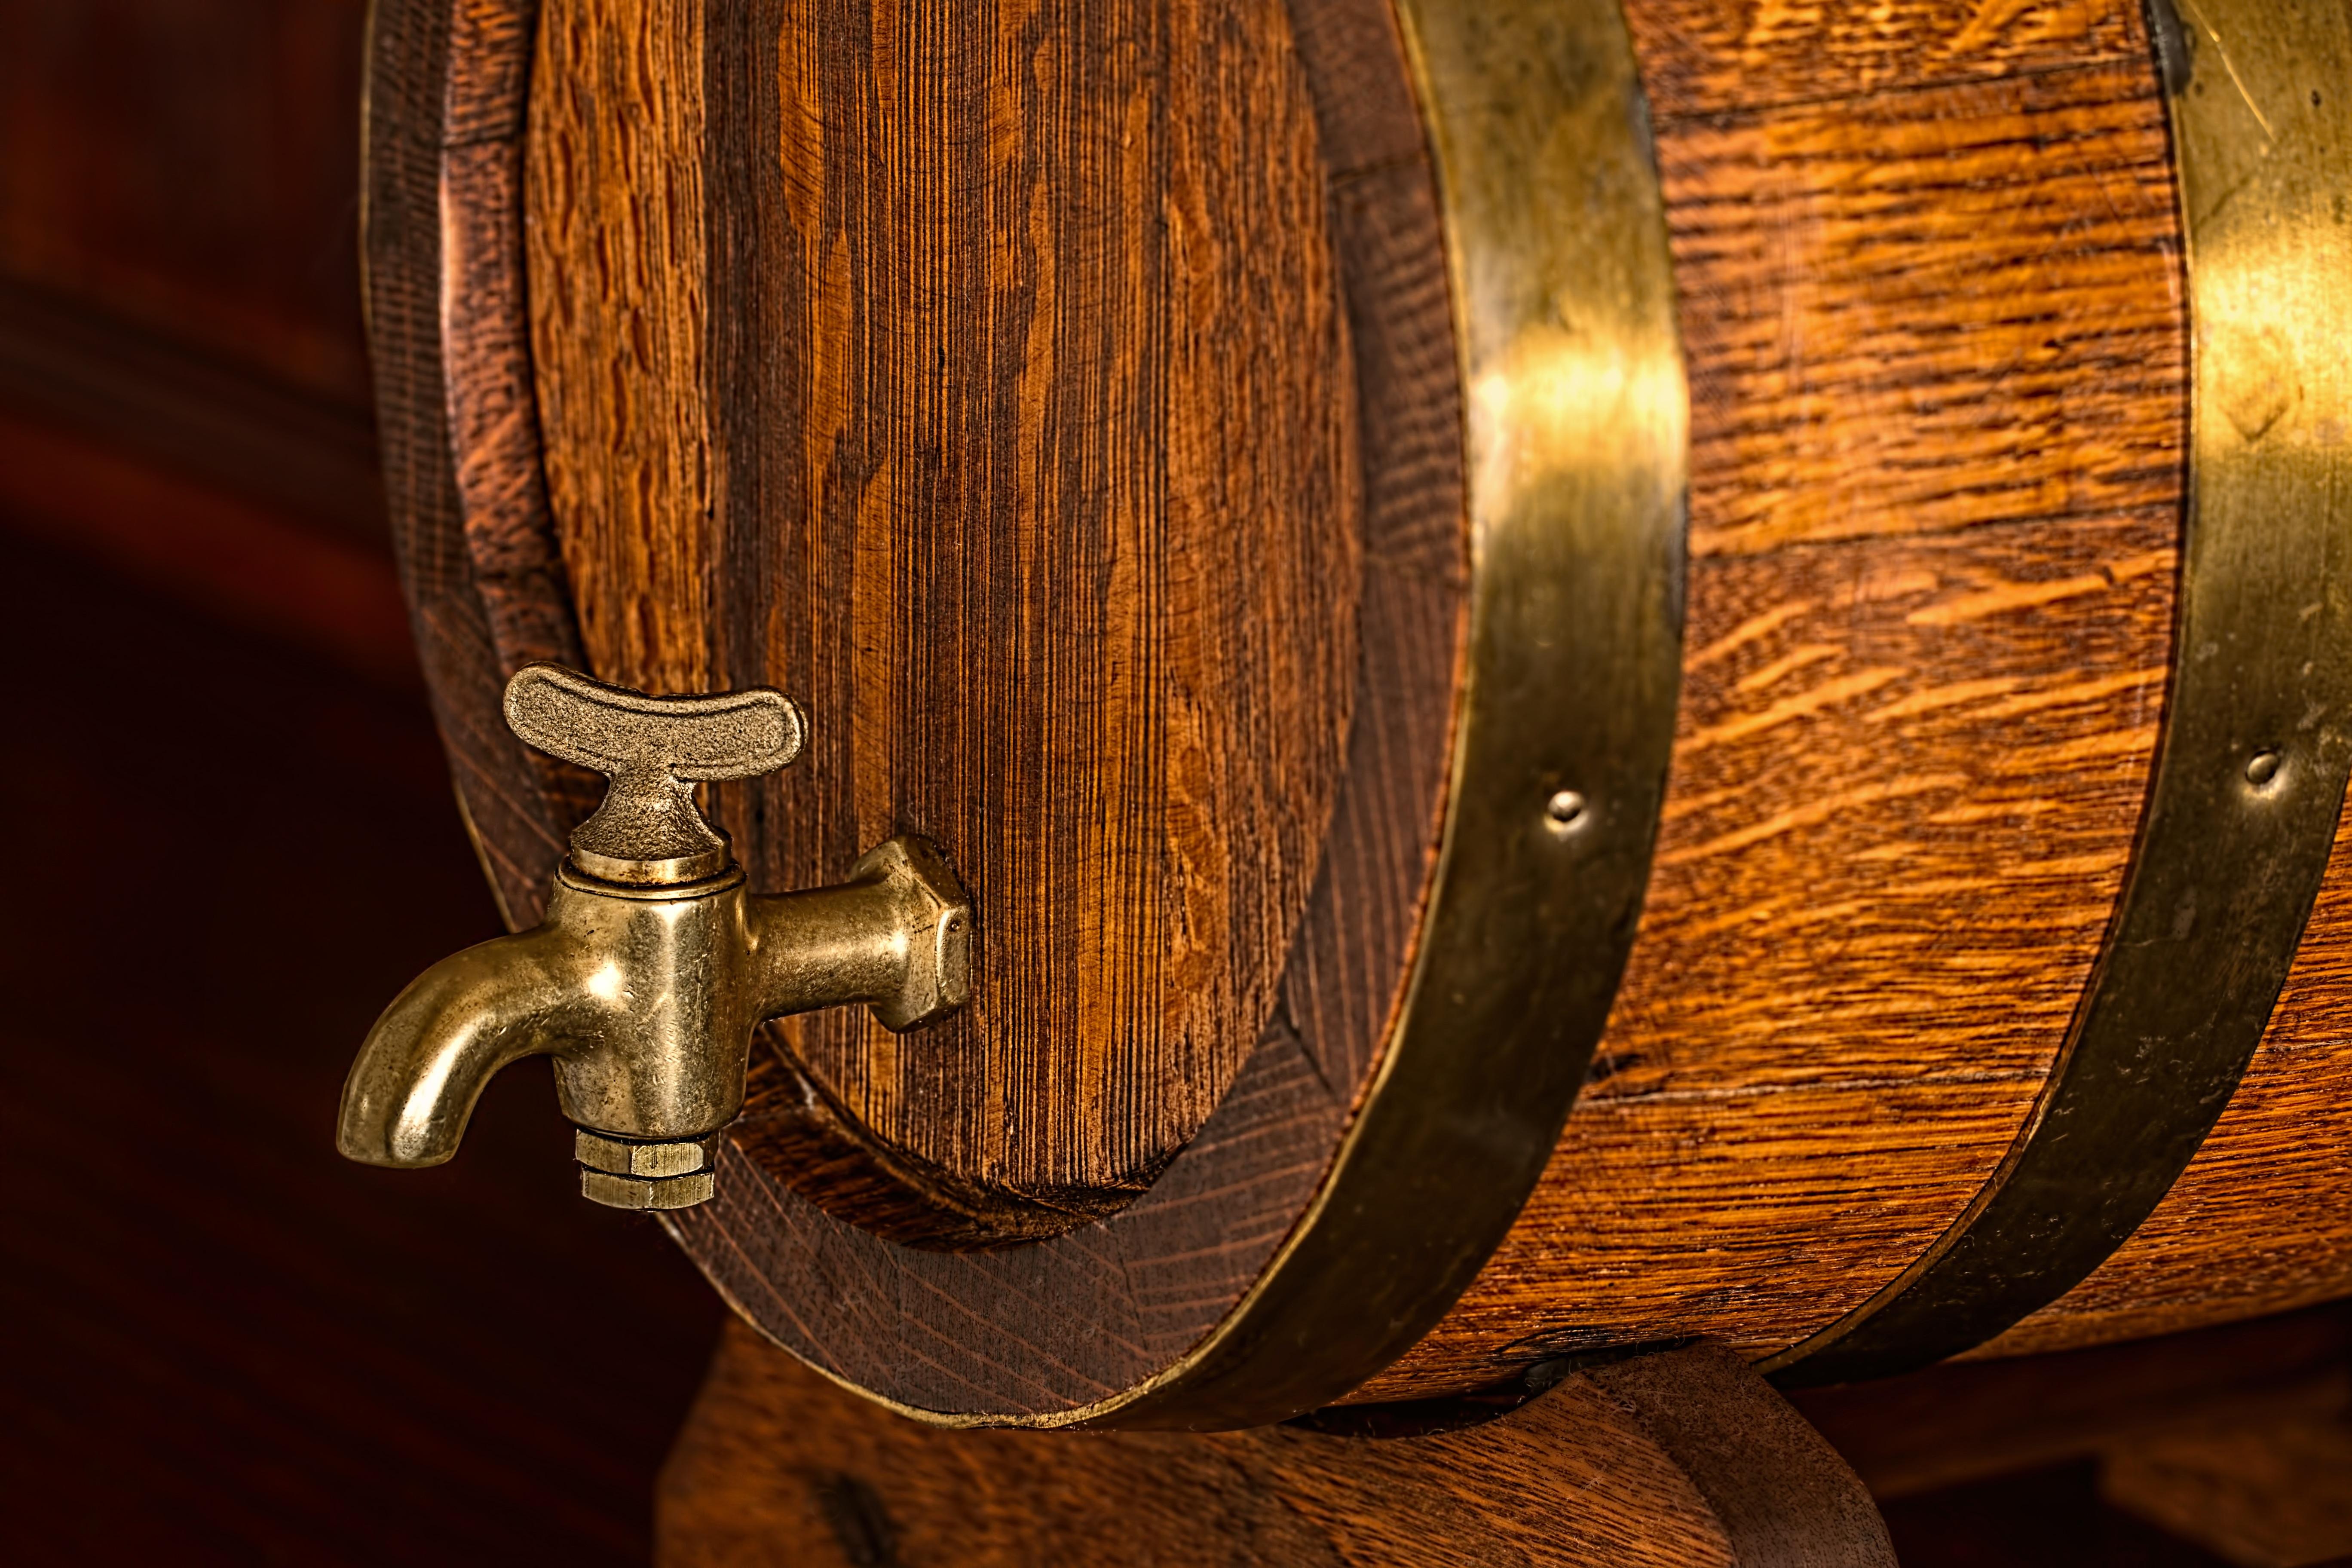 Kostenlose foto : Holz, Bar, Getränk, Beleuchtung, Fass, hölzern ...